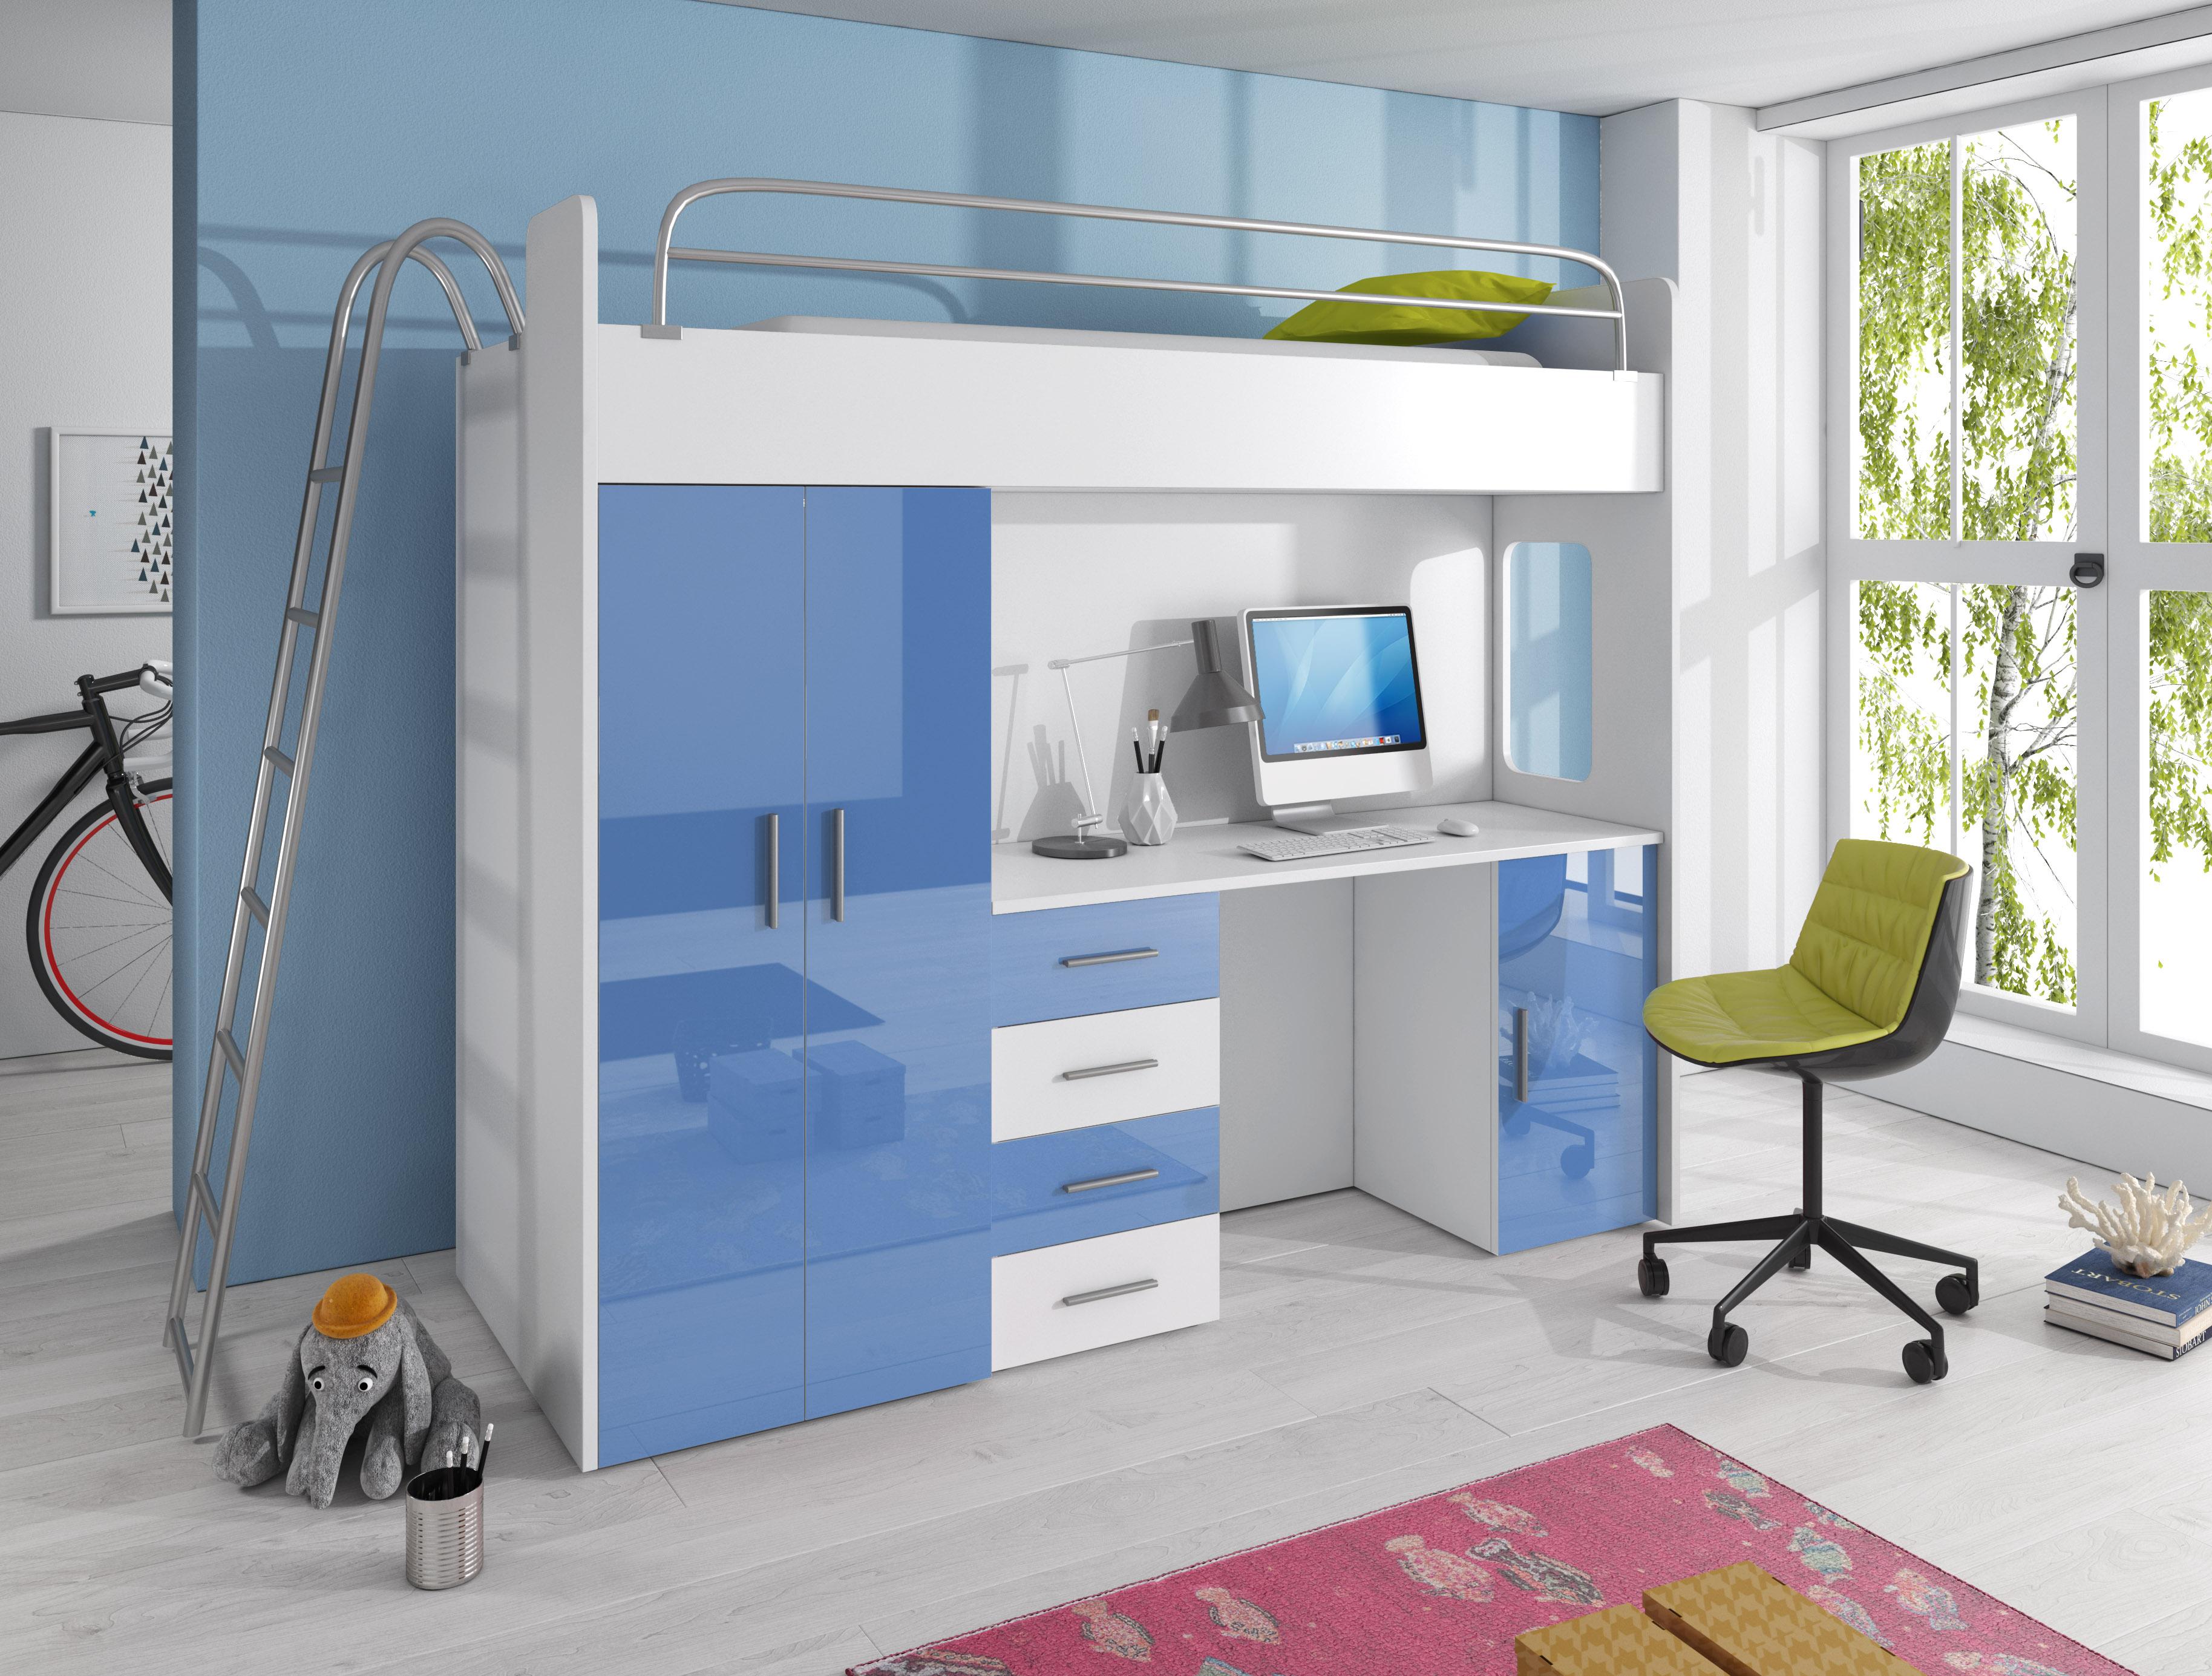 Dětská postel - Ruby IV D (Bílá + Modrá) (s matrací a roštem)